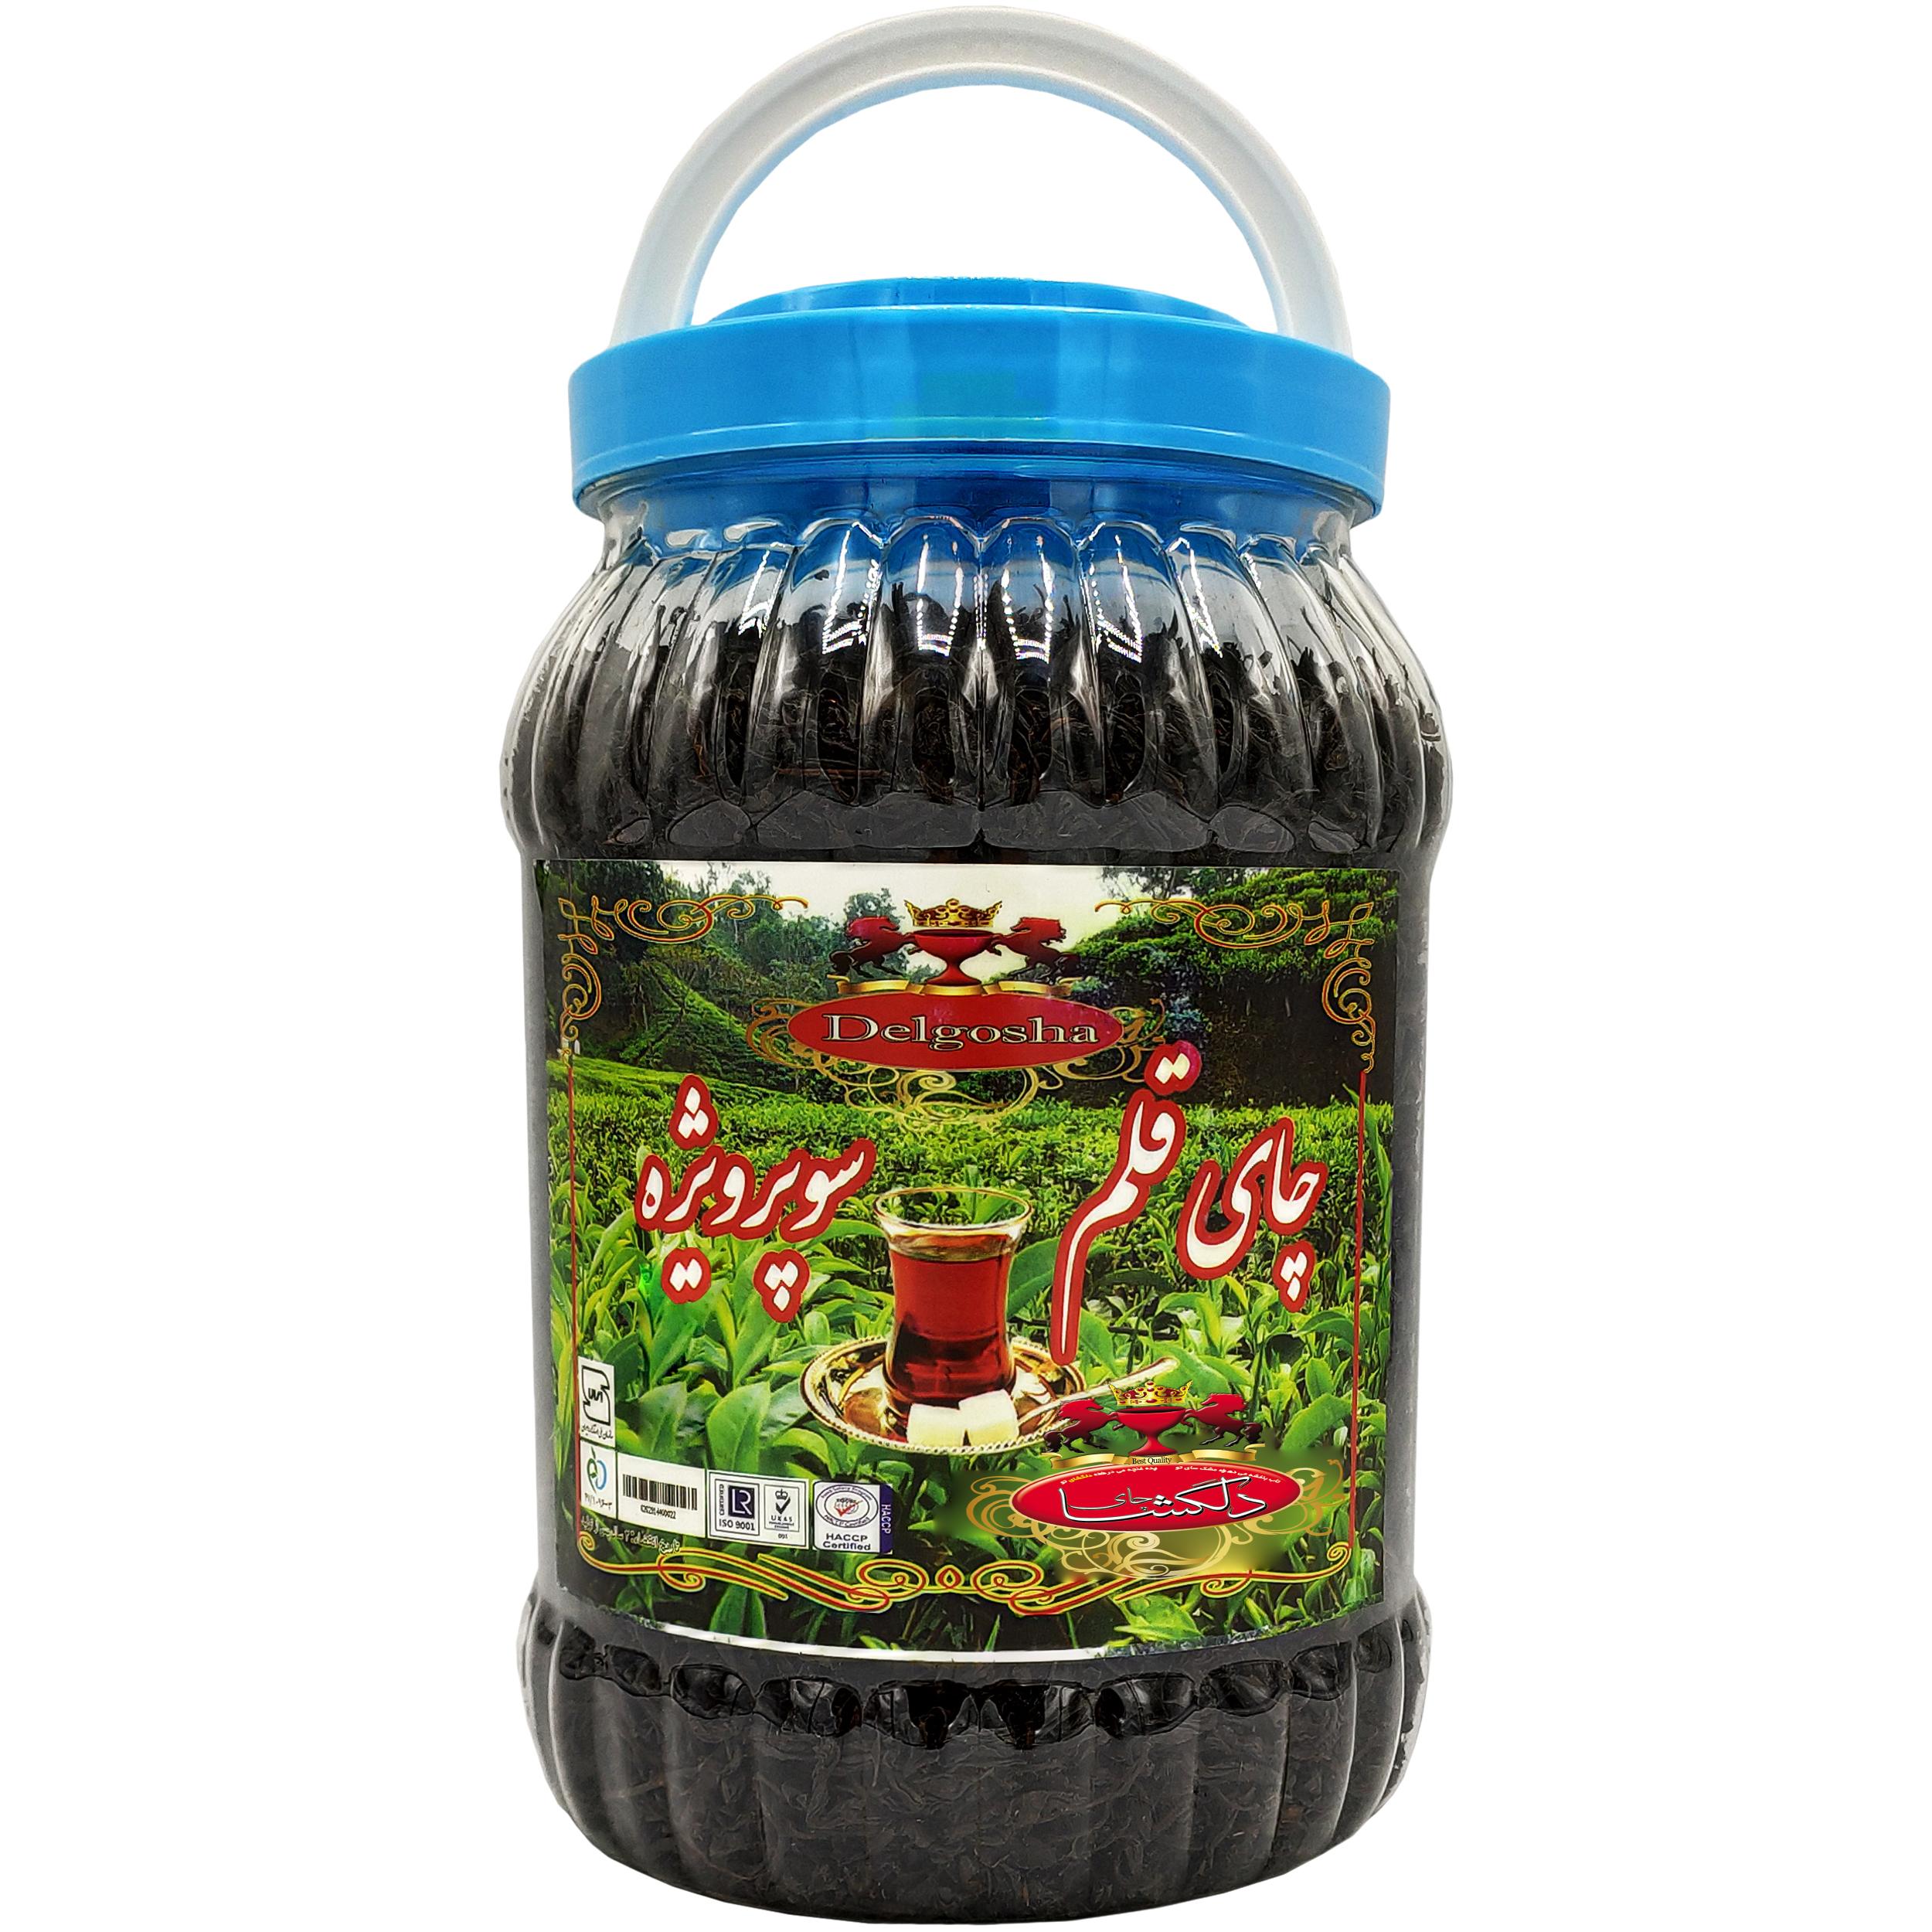 چای سیاه قلم ایرانی بهاره دلگشا - 500 گرم